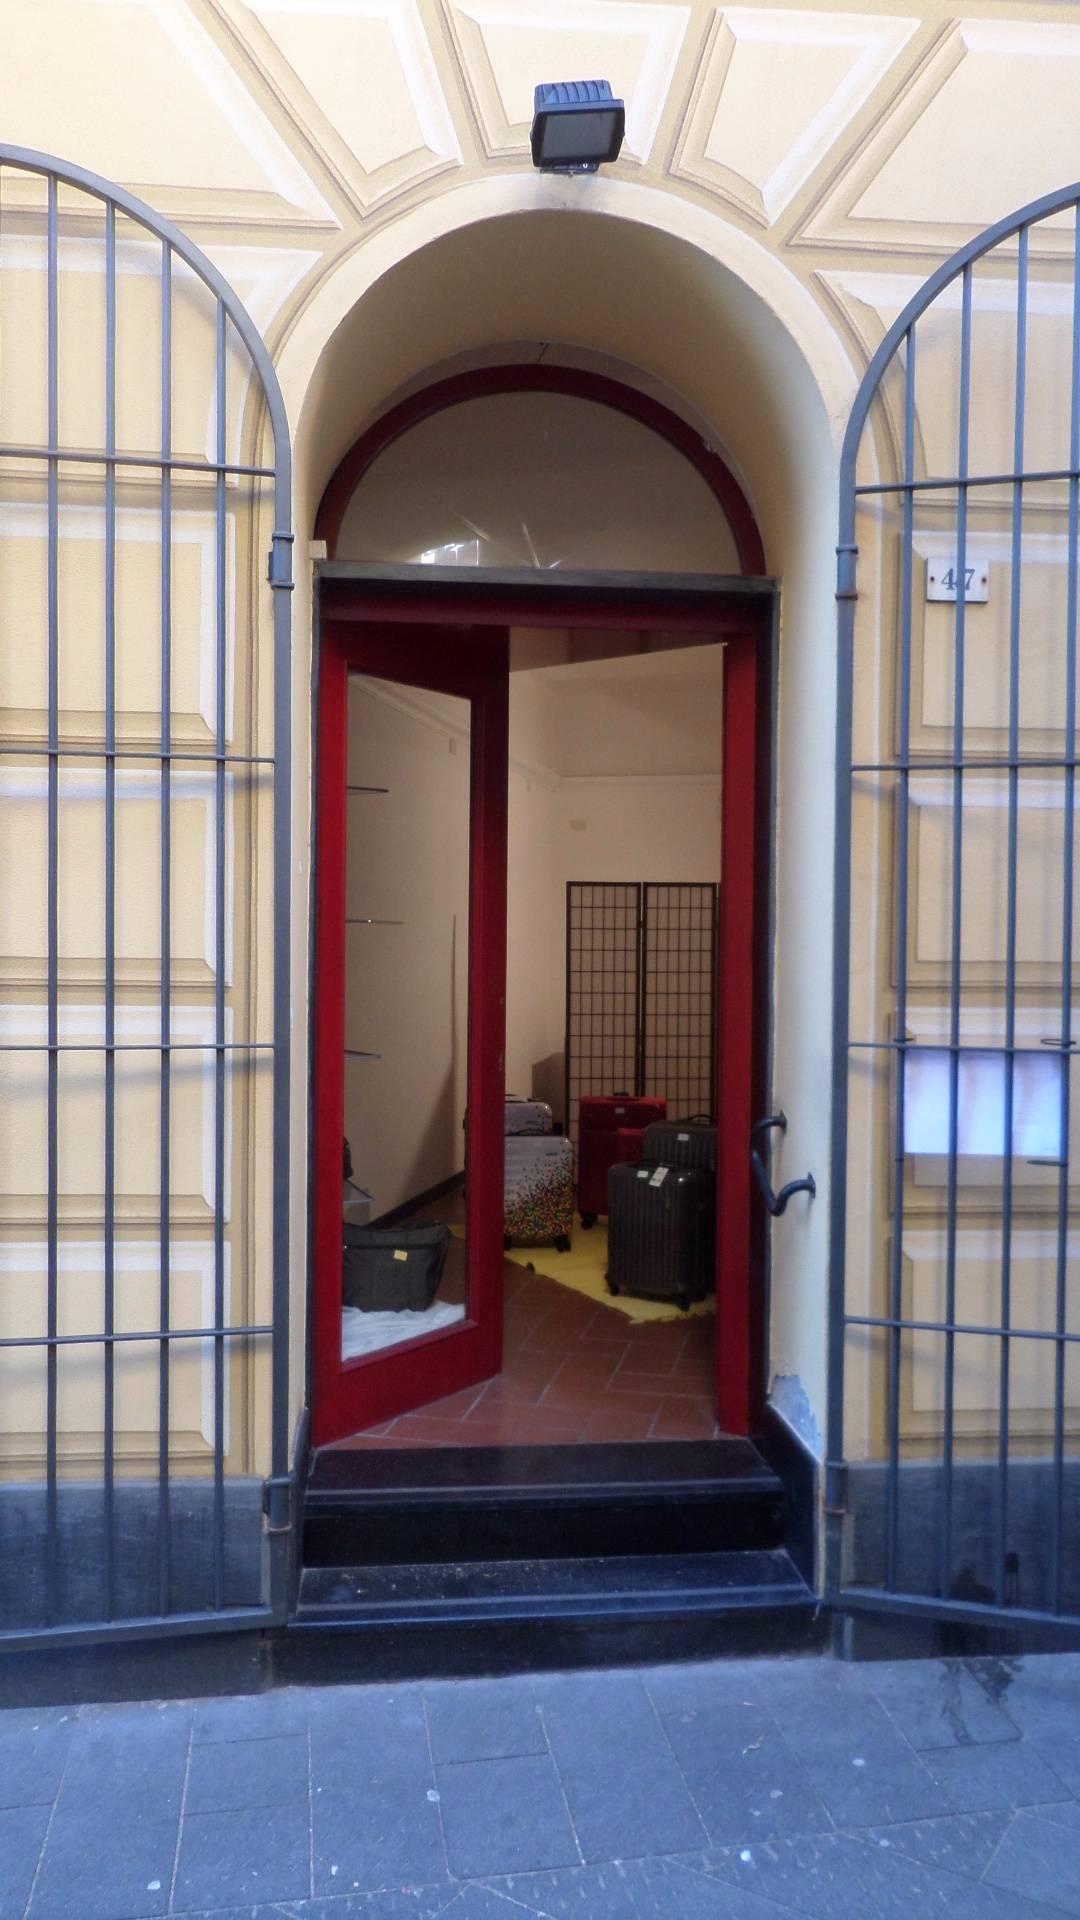 Negozio / Locale in vendita a Arenzano, 9999 locali, zona Località: CentroStorico, prezzo € 105.000 | Cambio Casa.it